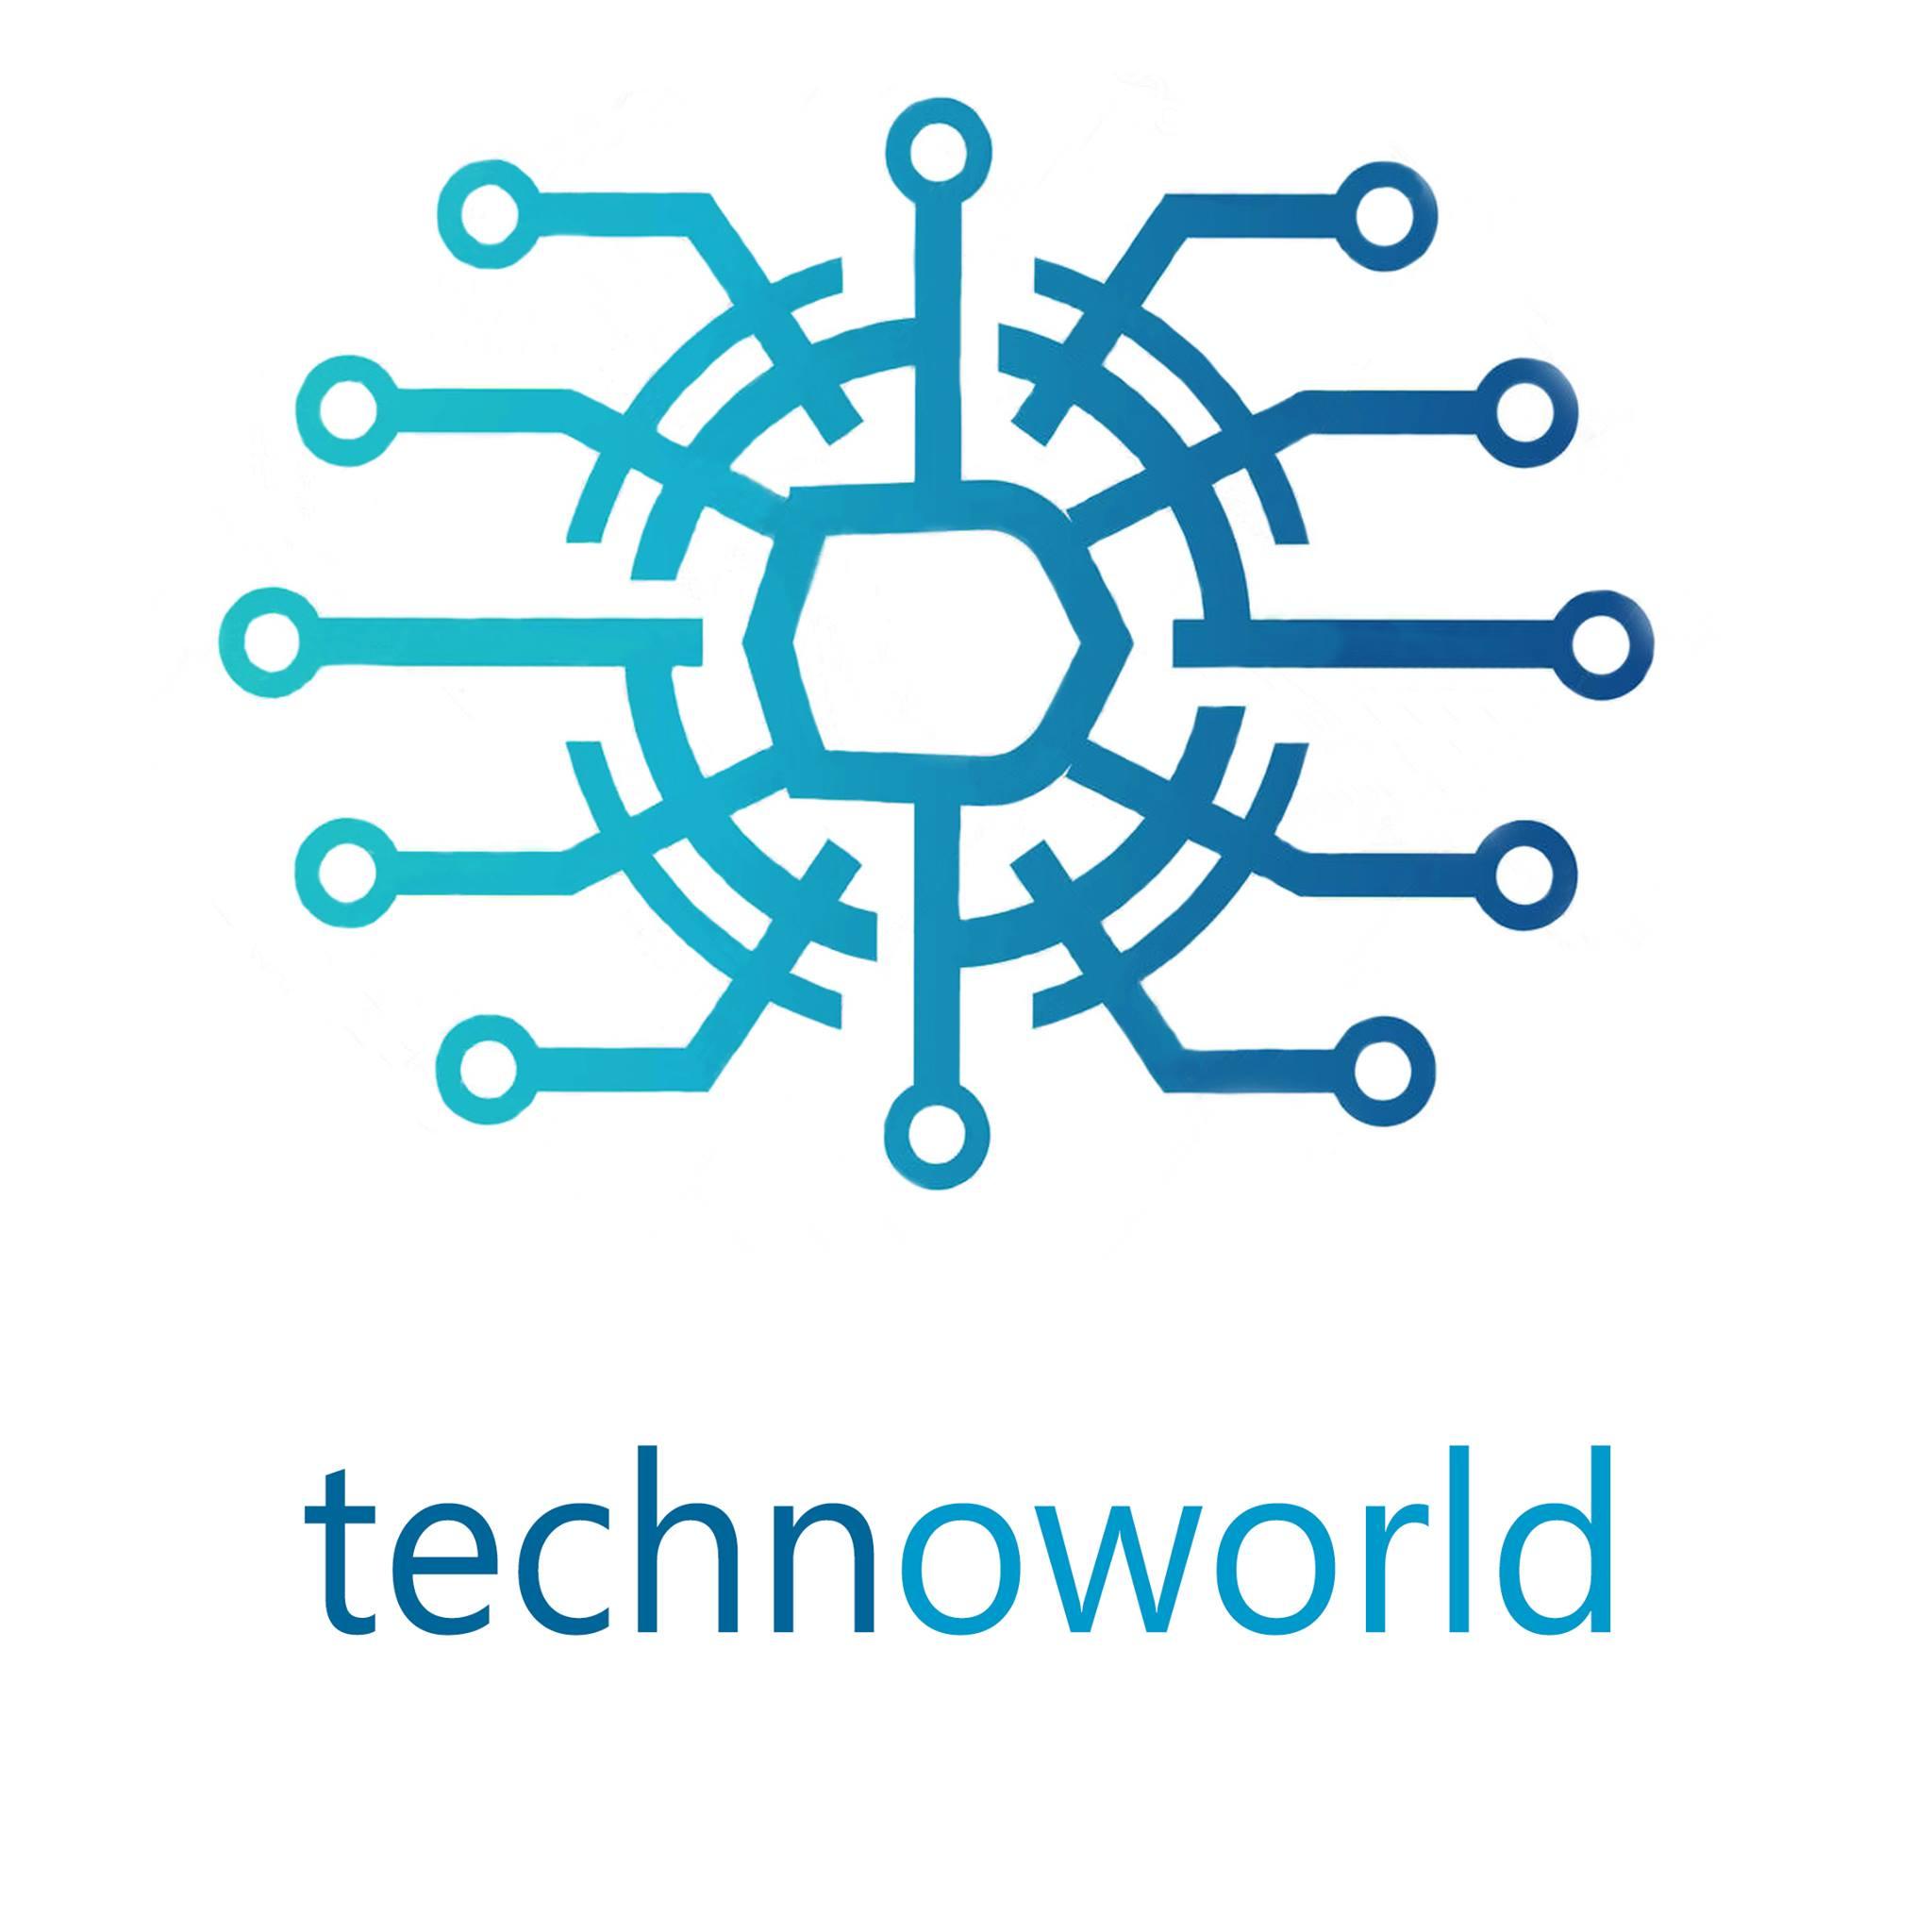 TechnoWorld/Տեխնոաշխարհ #2. Միխայիլ Ստեբլին #վիրուսներ